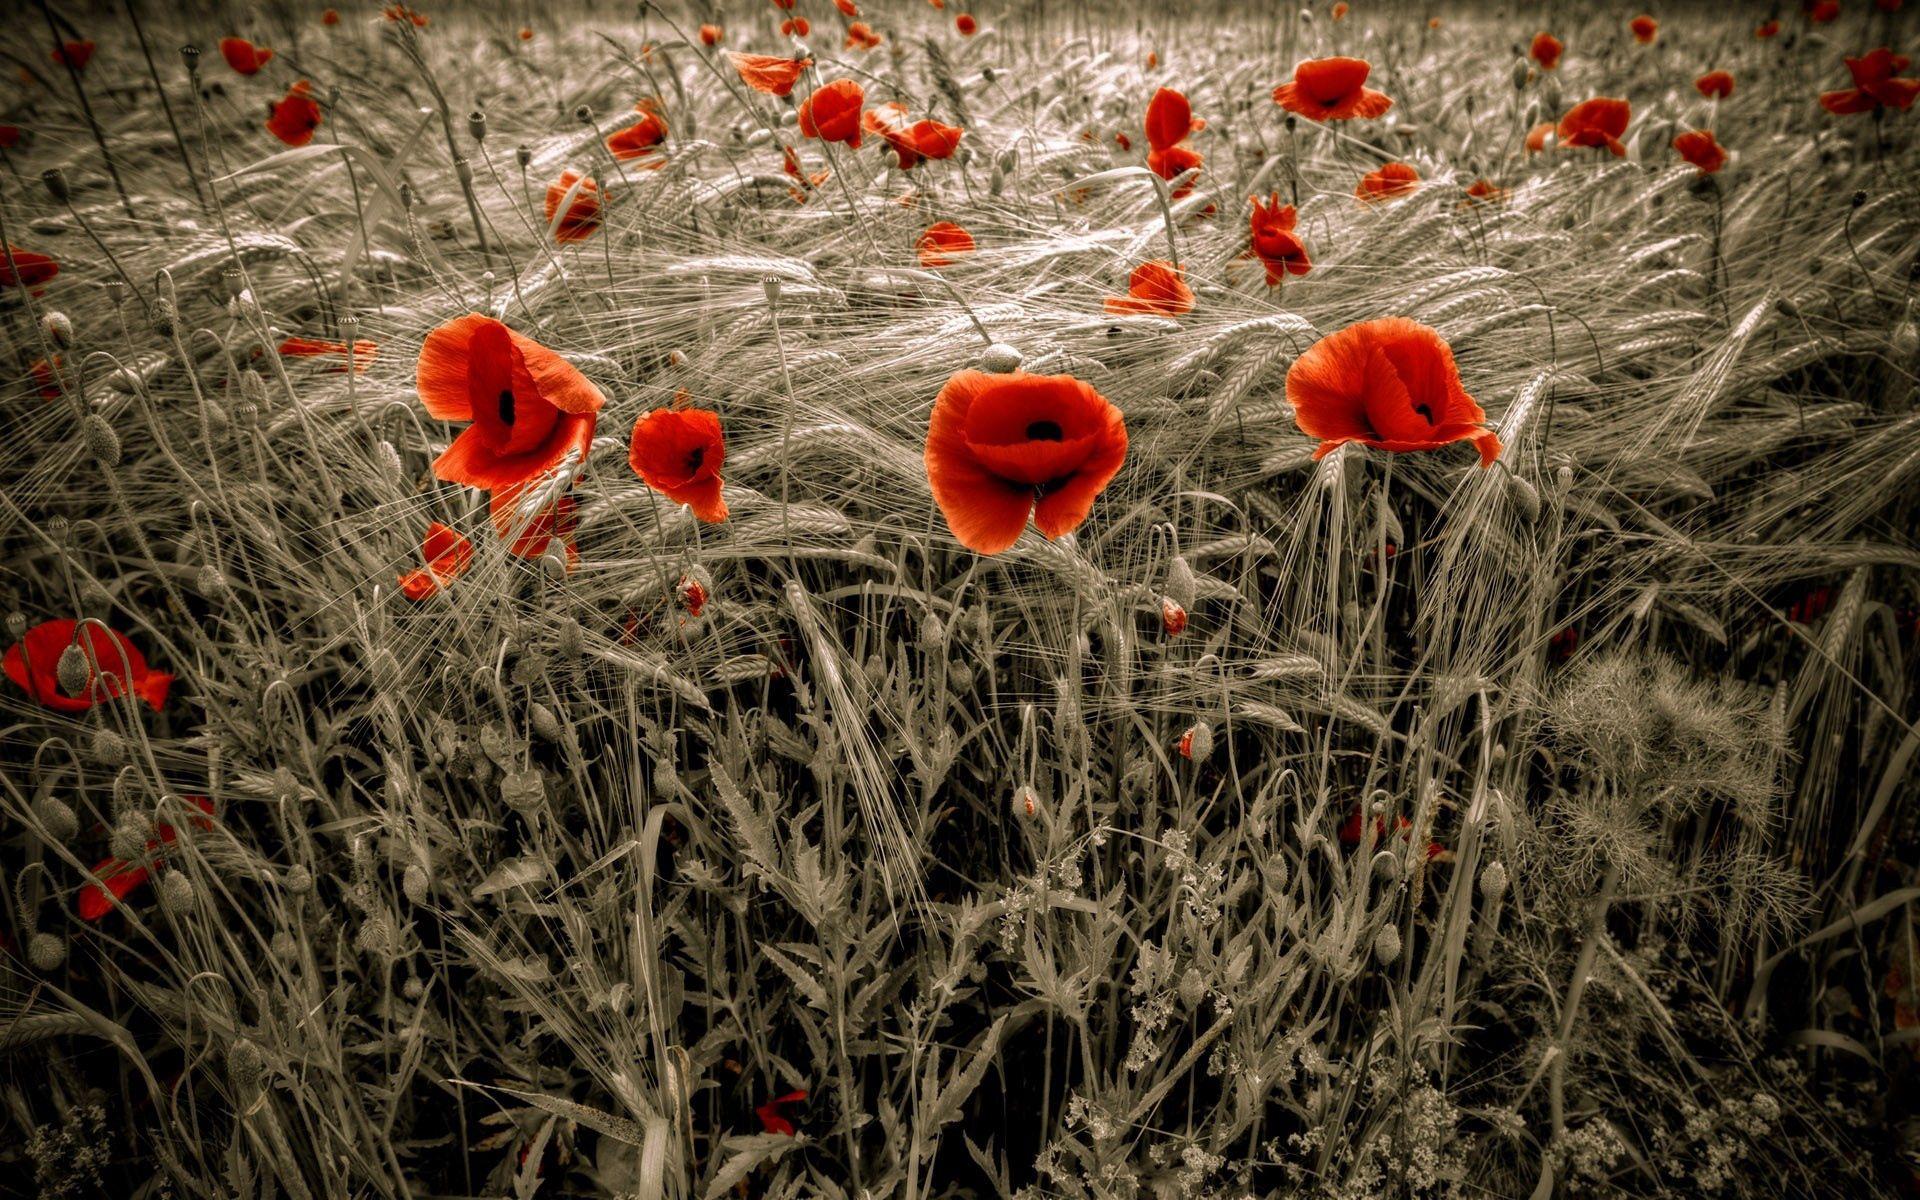 140556 скачать Красные обои на телефон бесплатно, Природа, Цветы, Маки, Поле, Колосья Красные картинки и заставки на мобильный